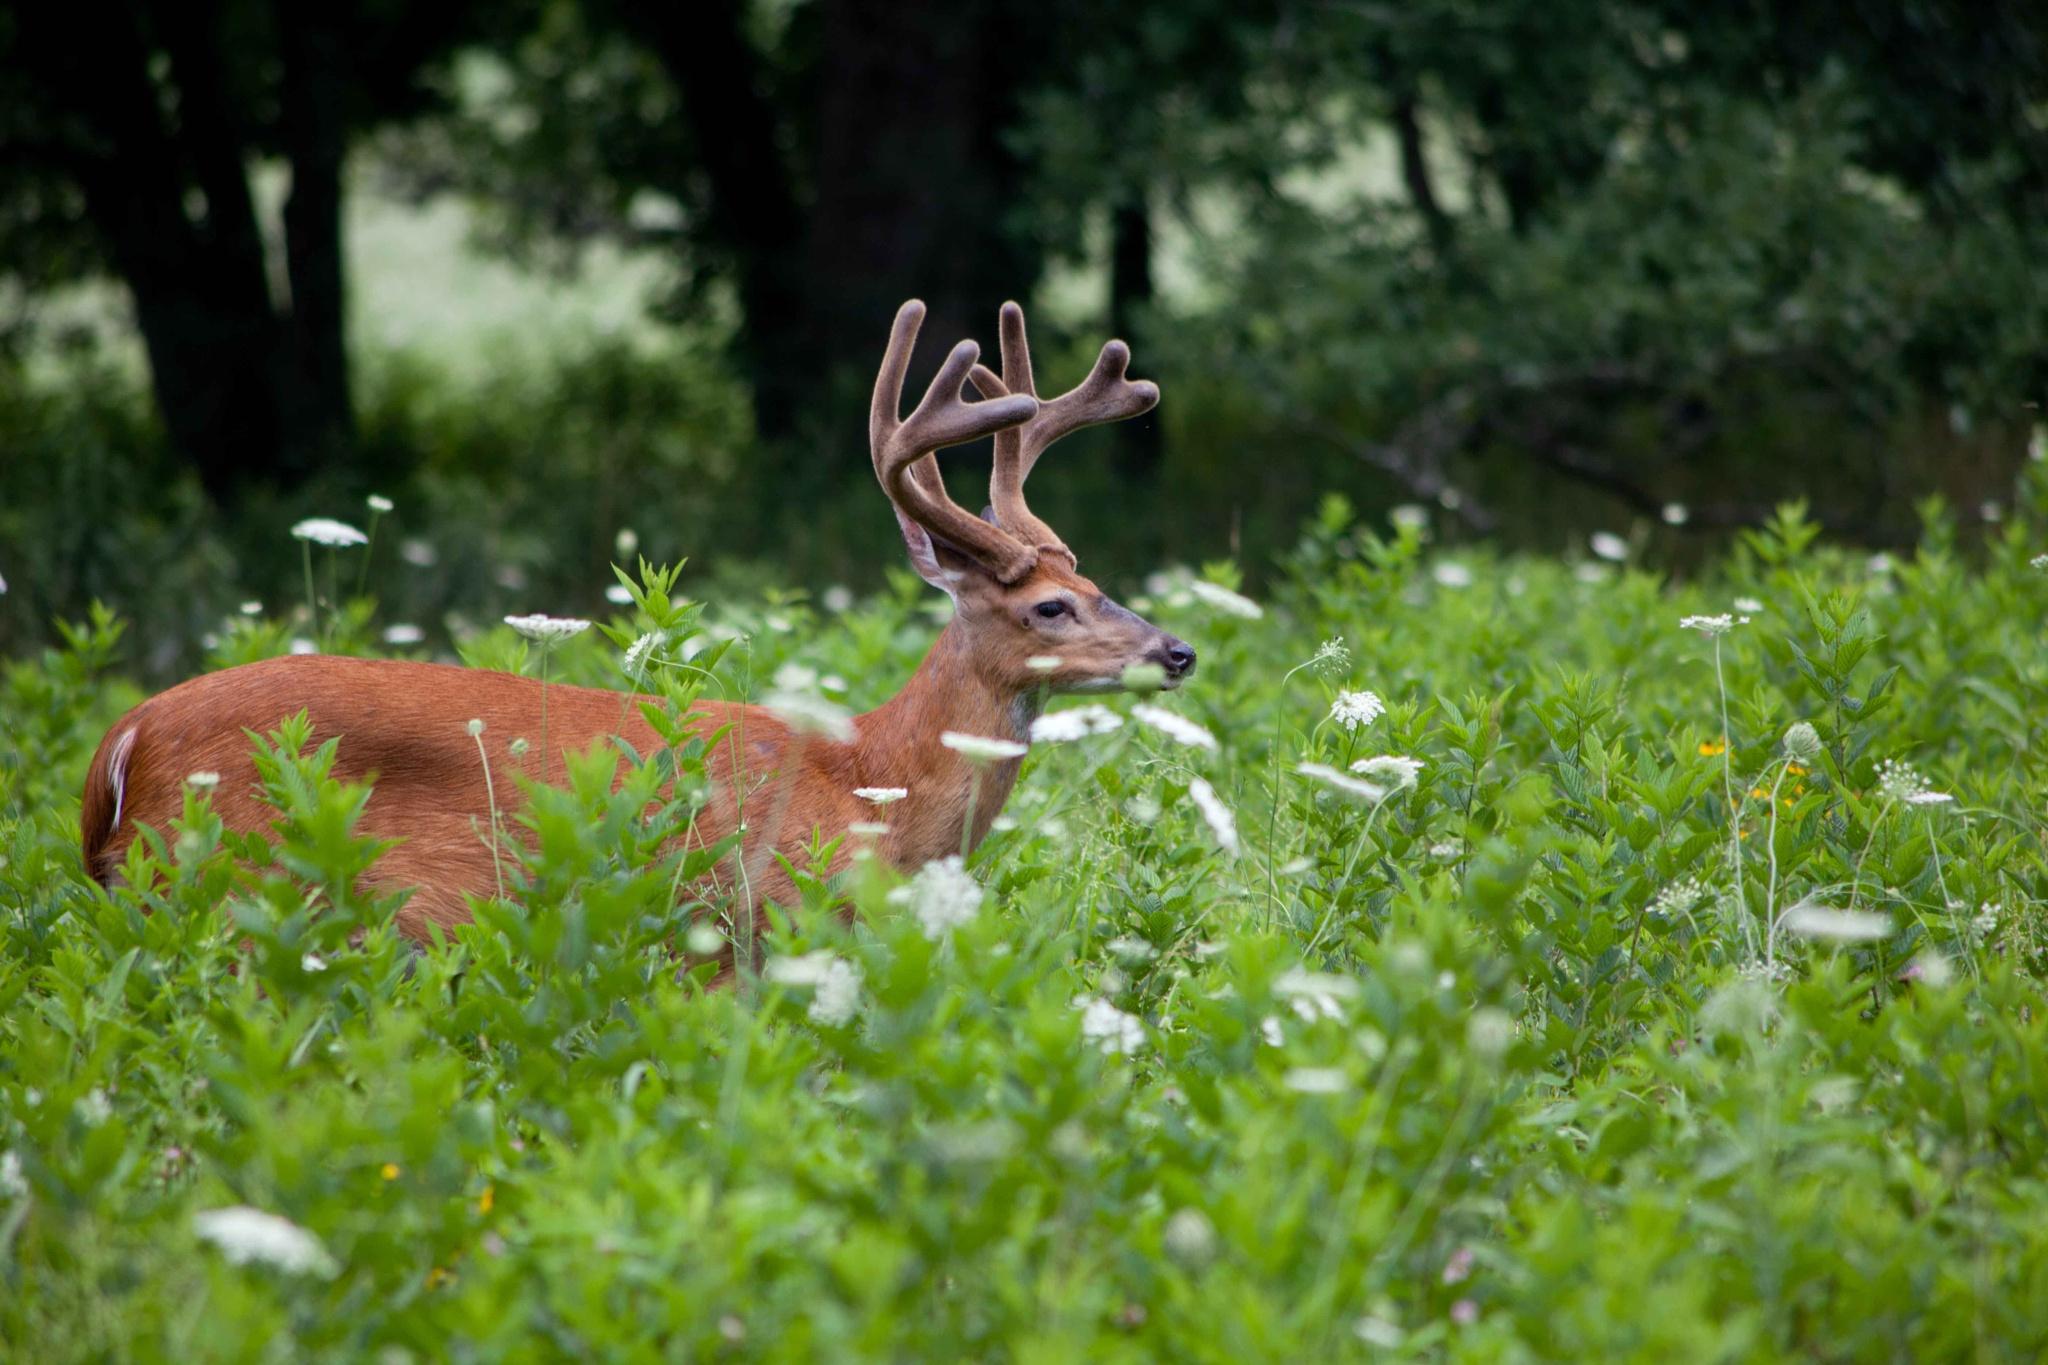 Deer in Field by JP Parmley